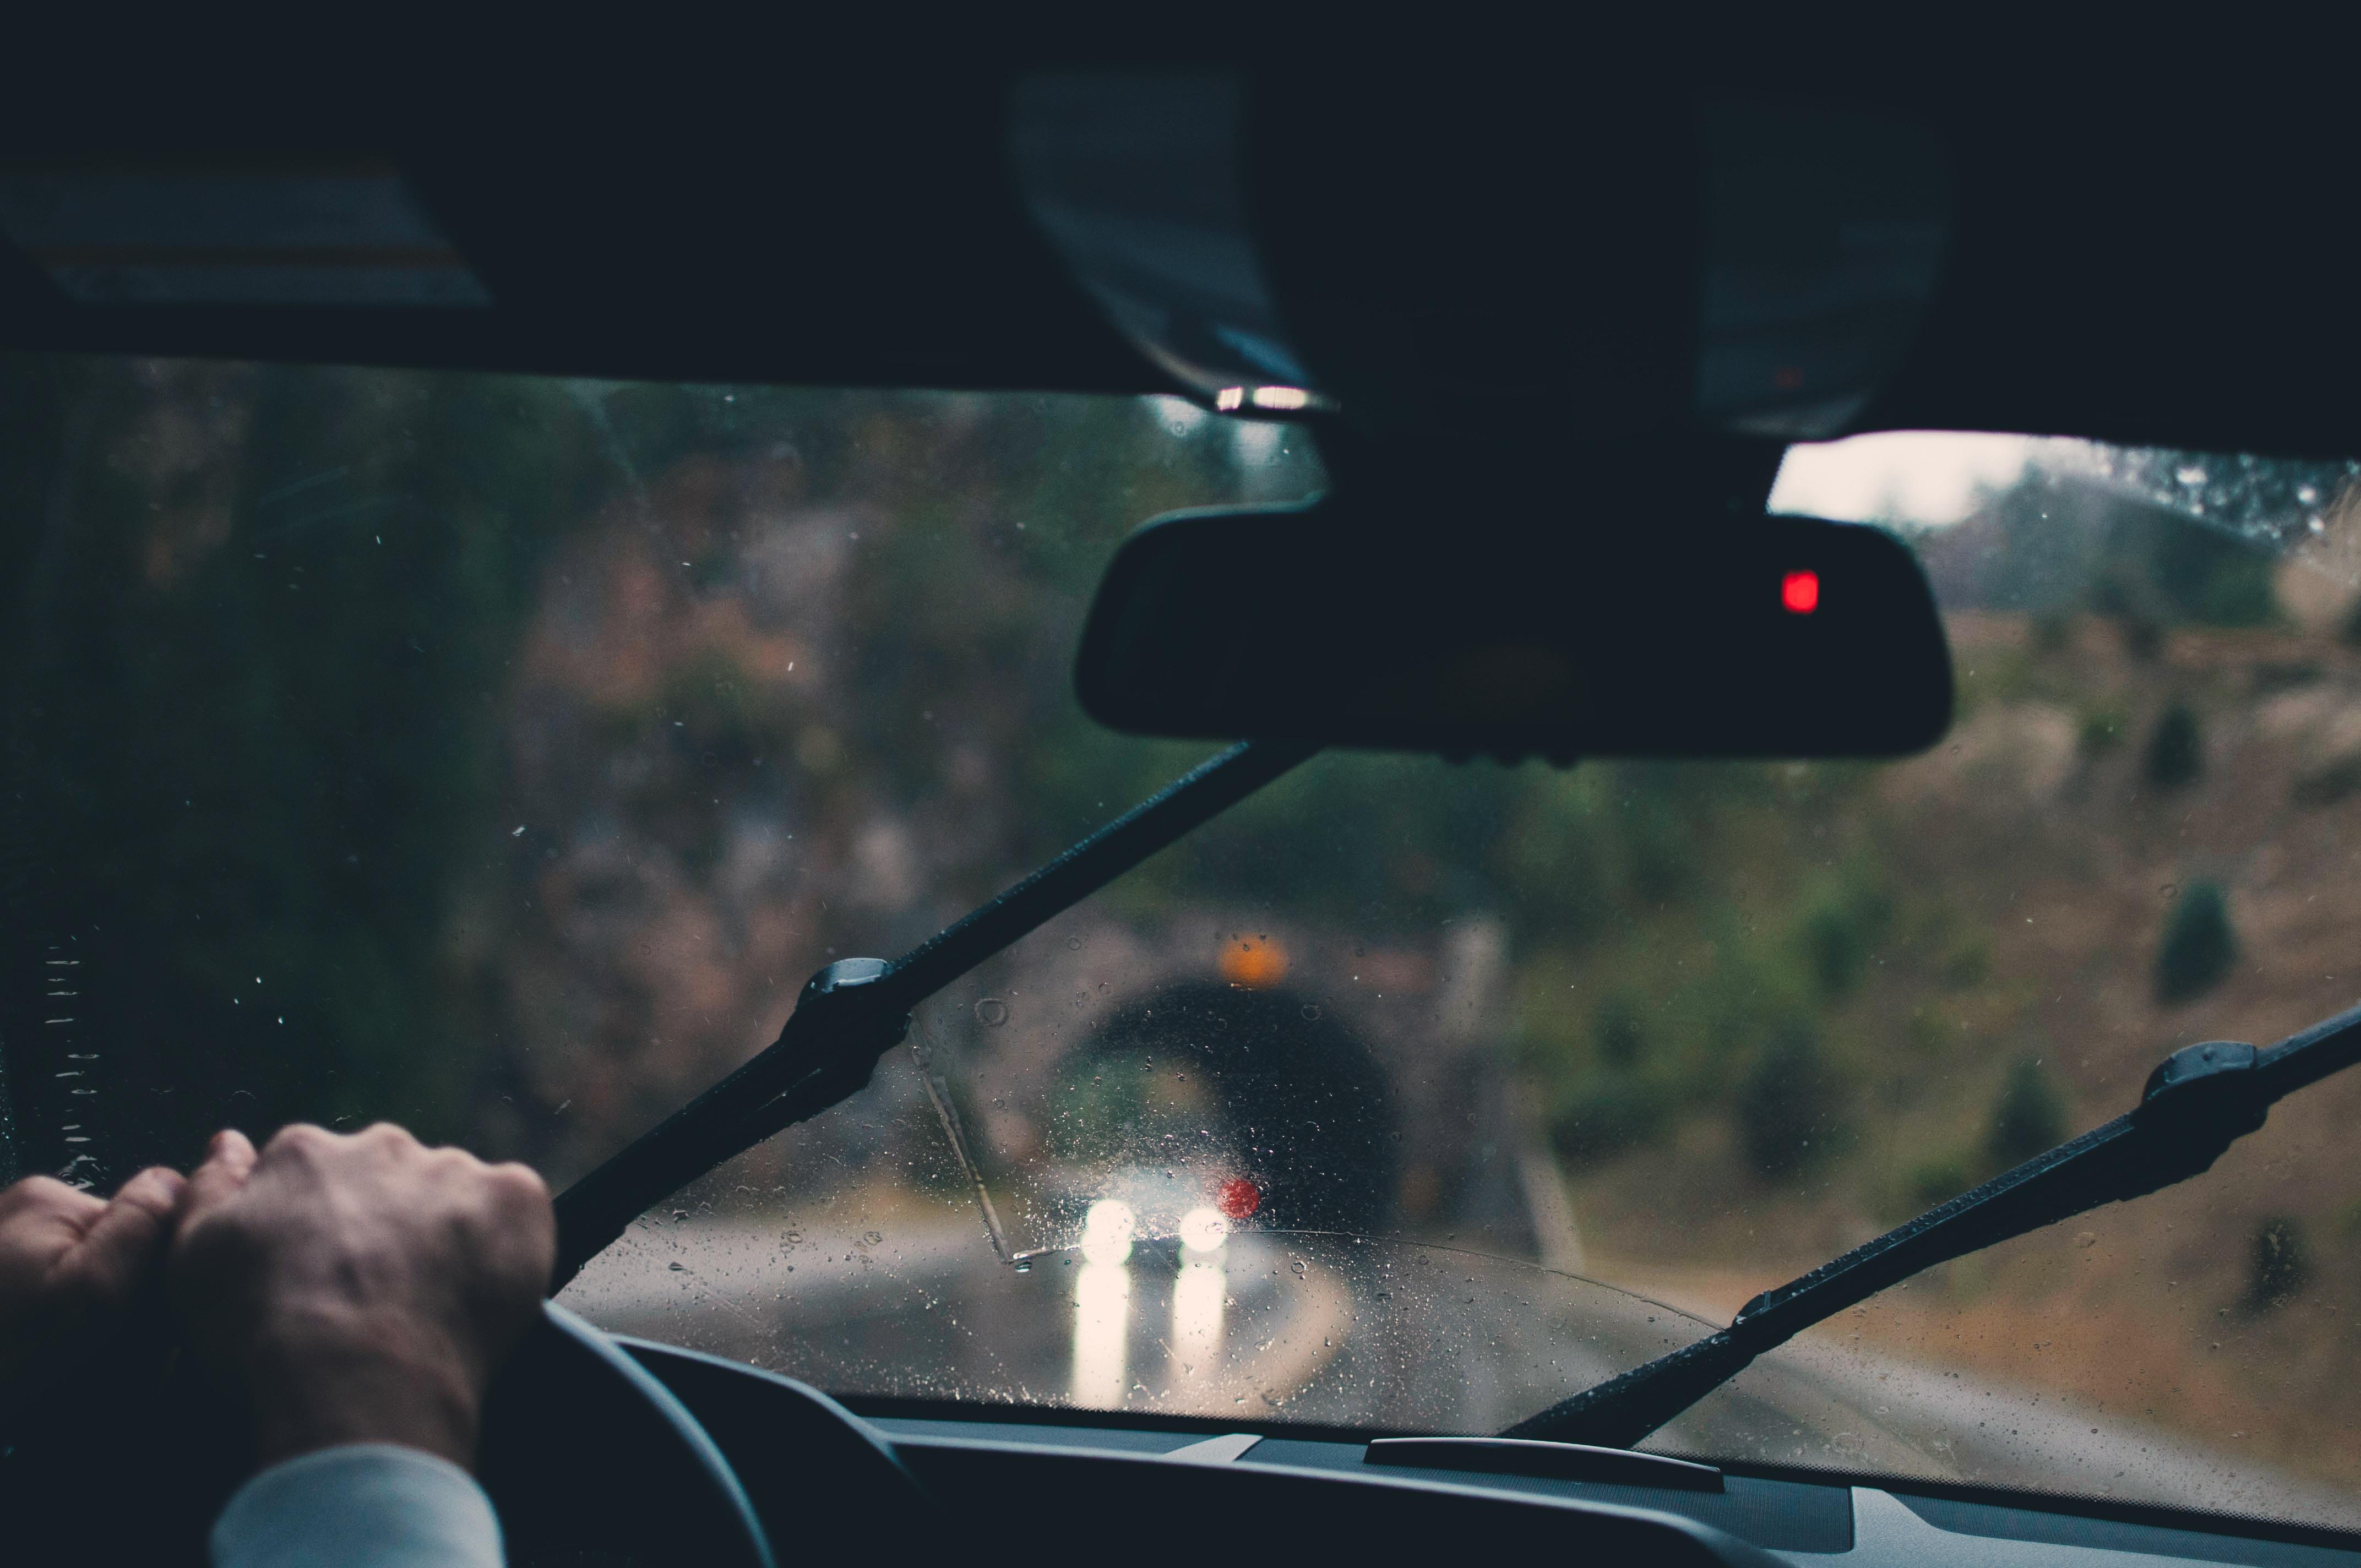 foto do interior de um carro com uma mão no volante